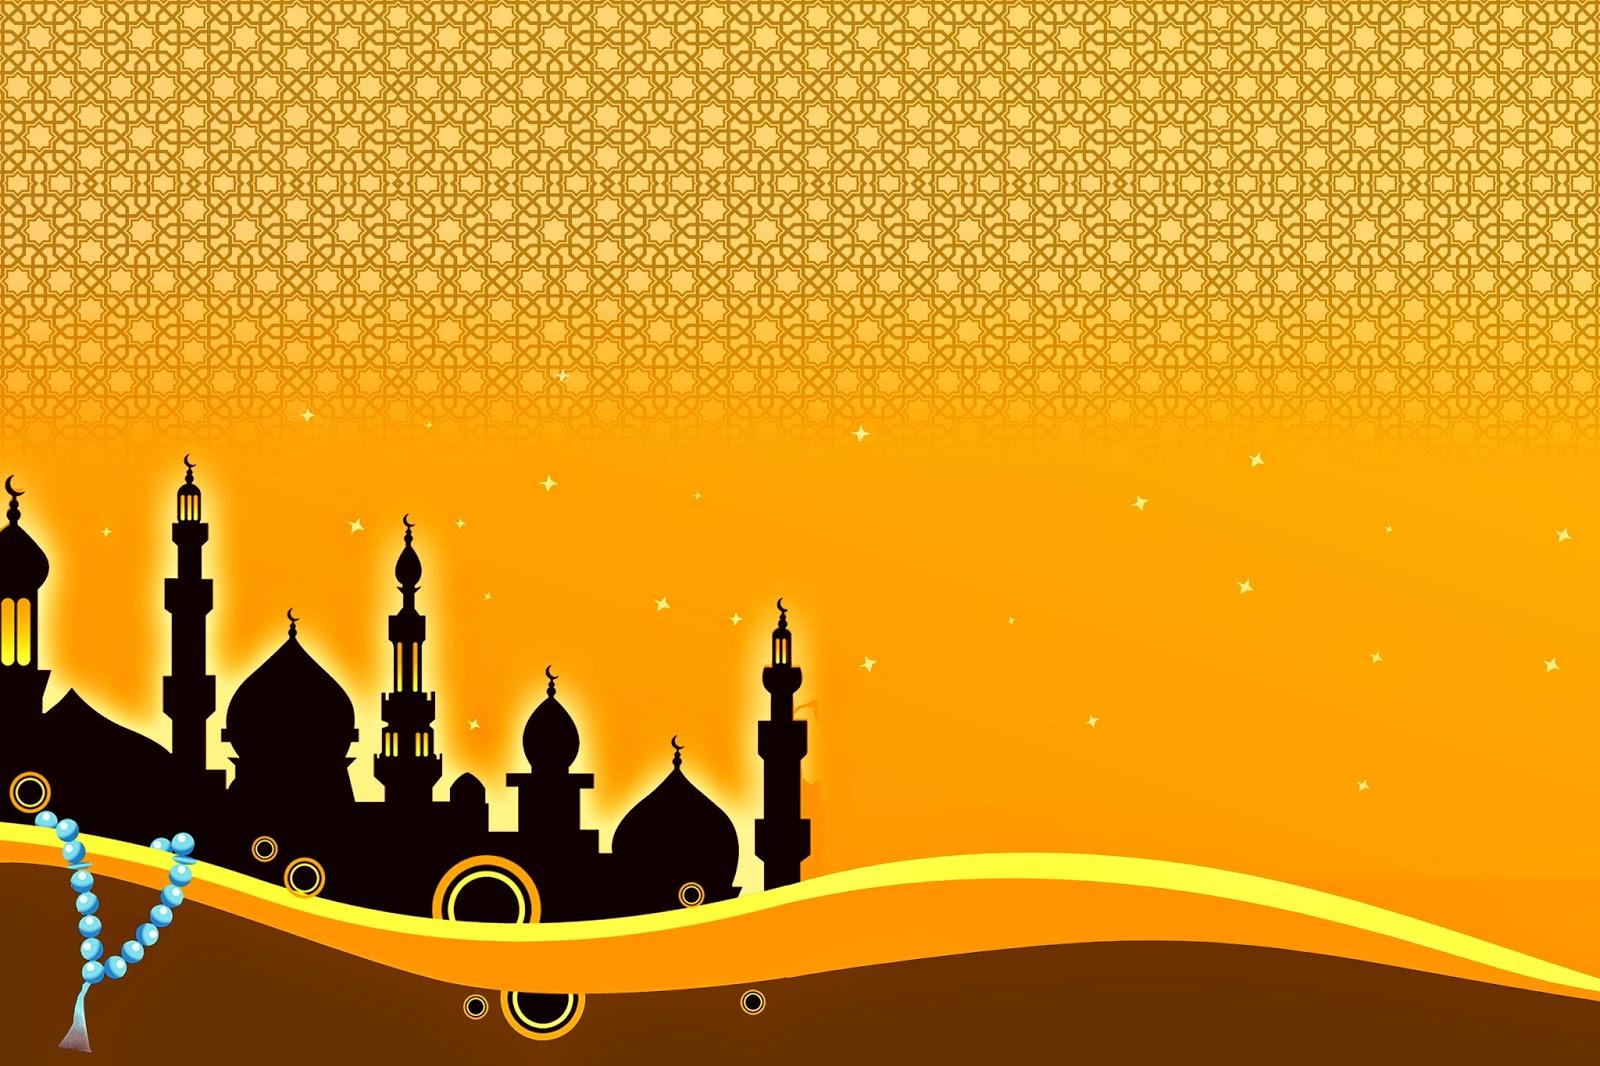 gambar wallpaper islami hd download gratis